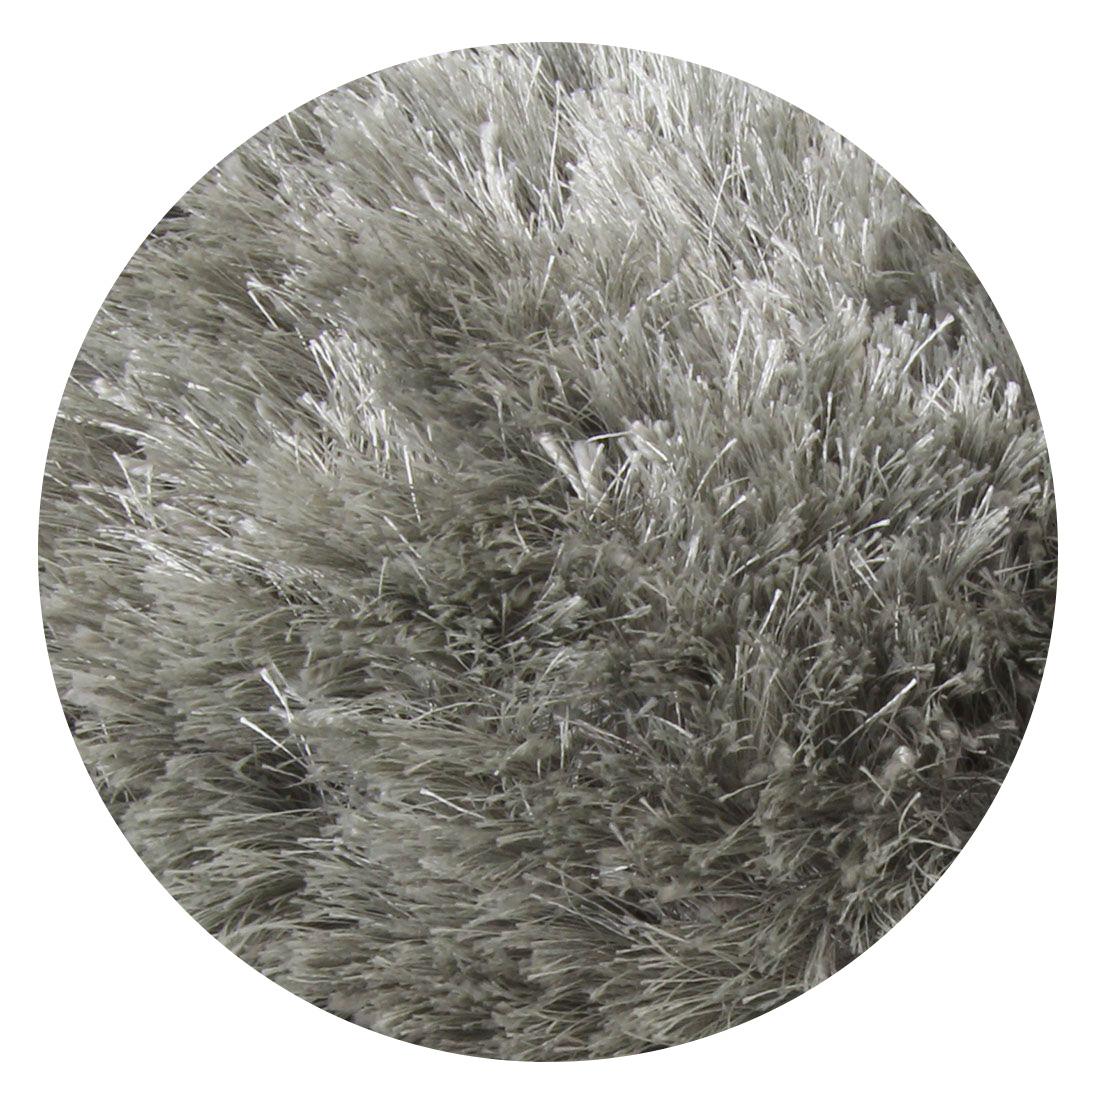 Rond Vloerkleed Xilento Magnifique Silver